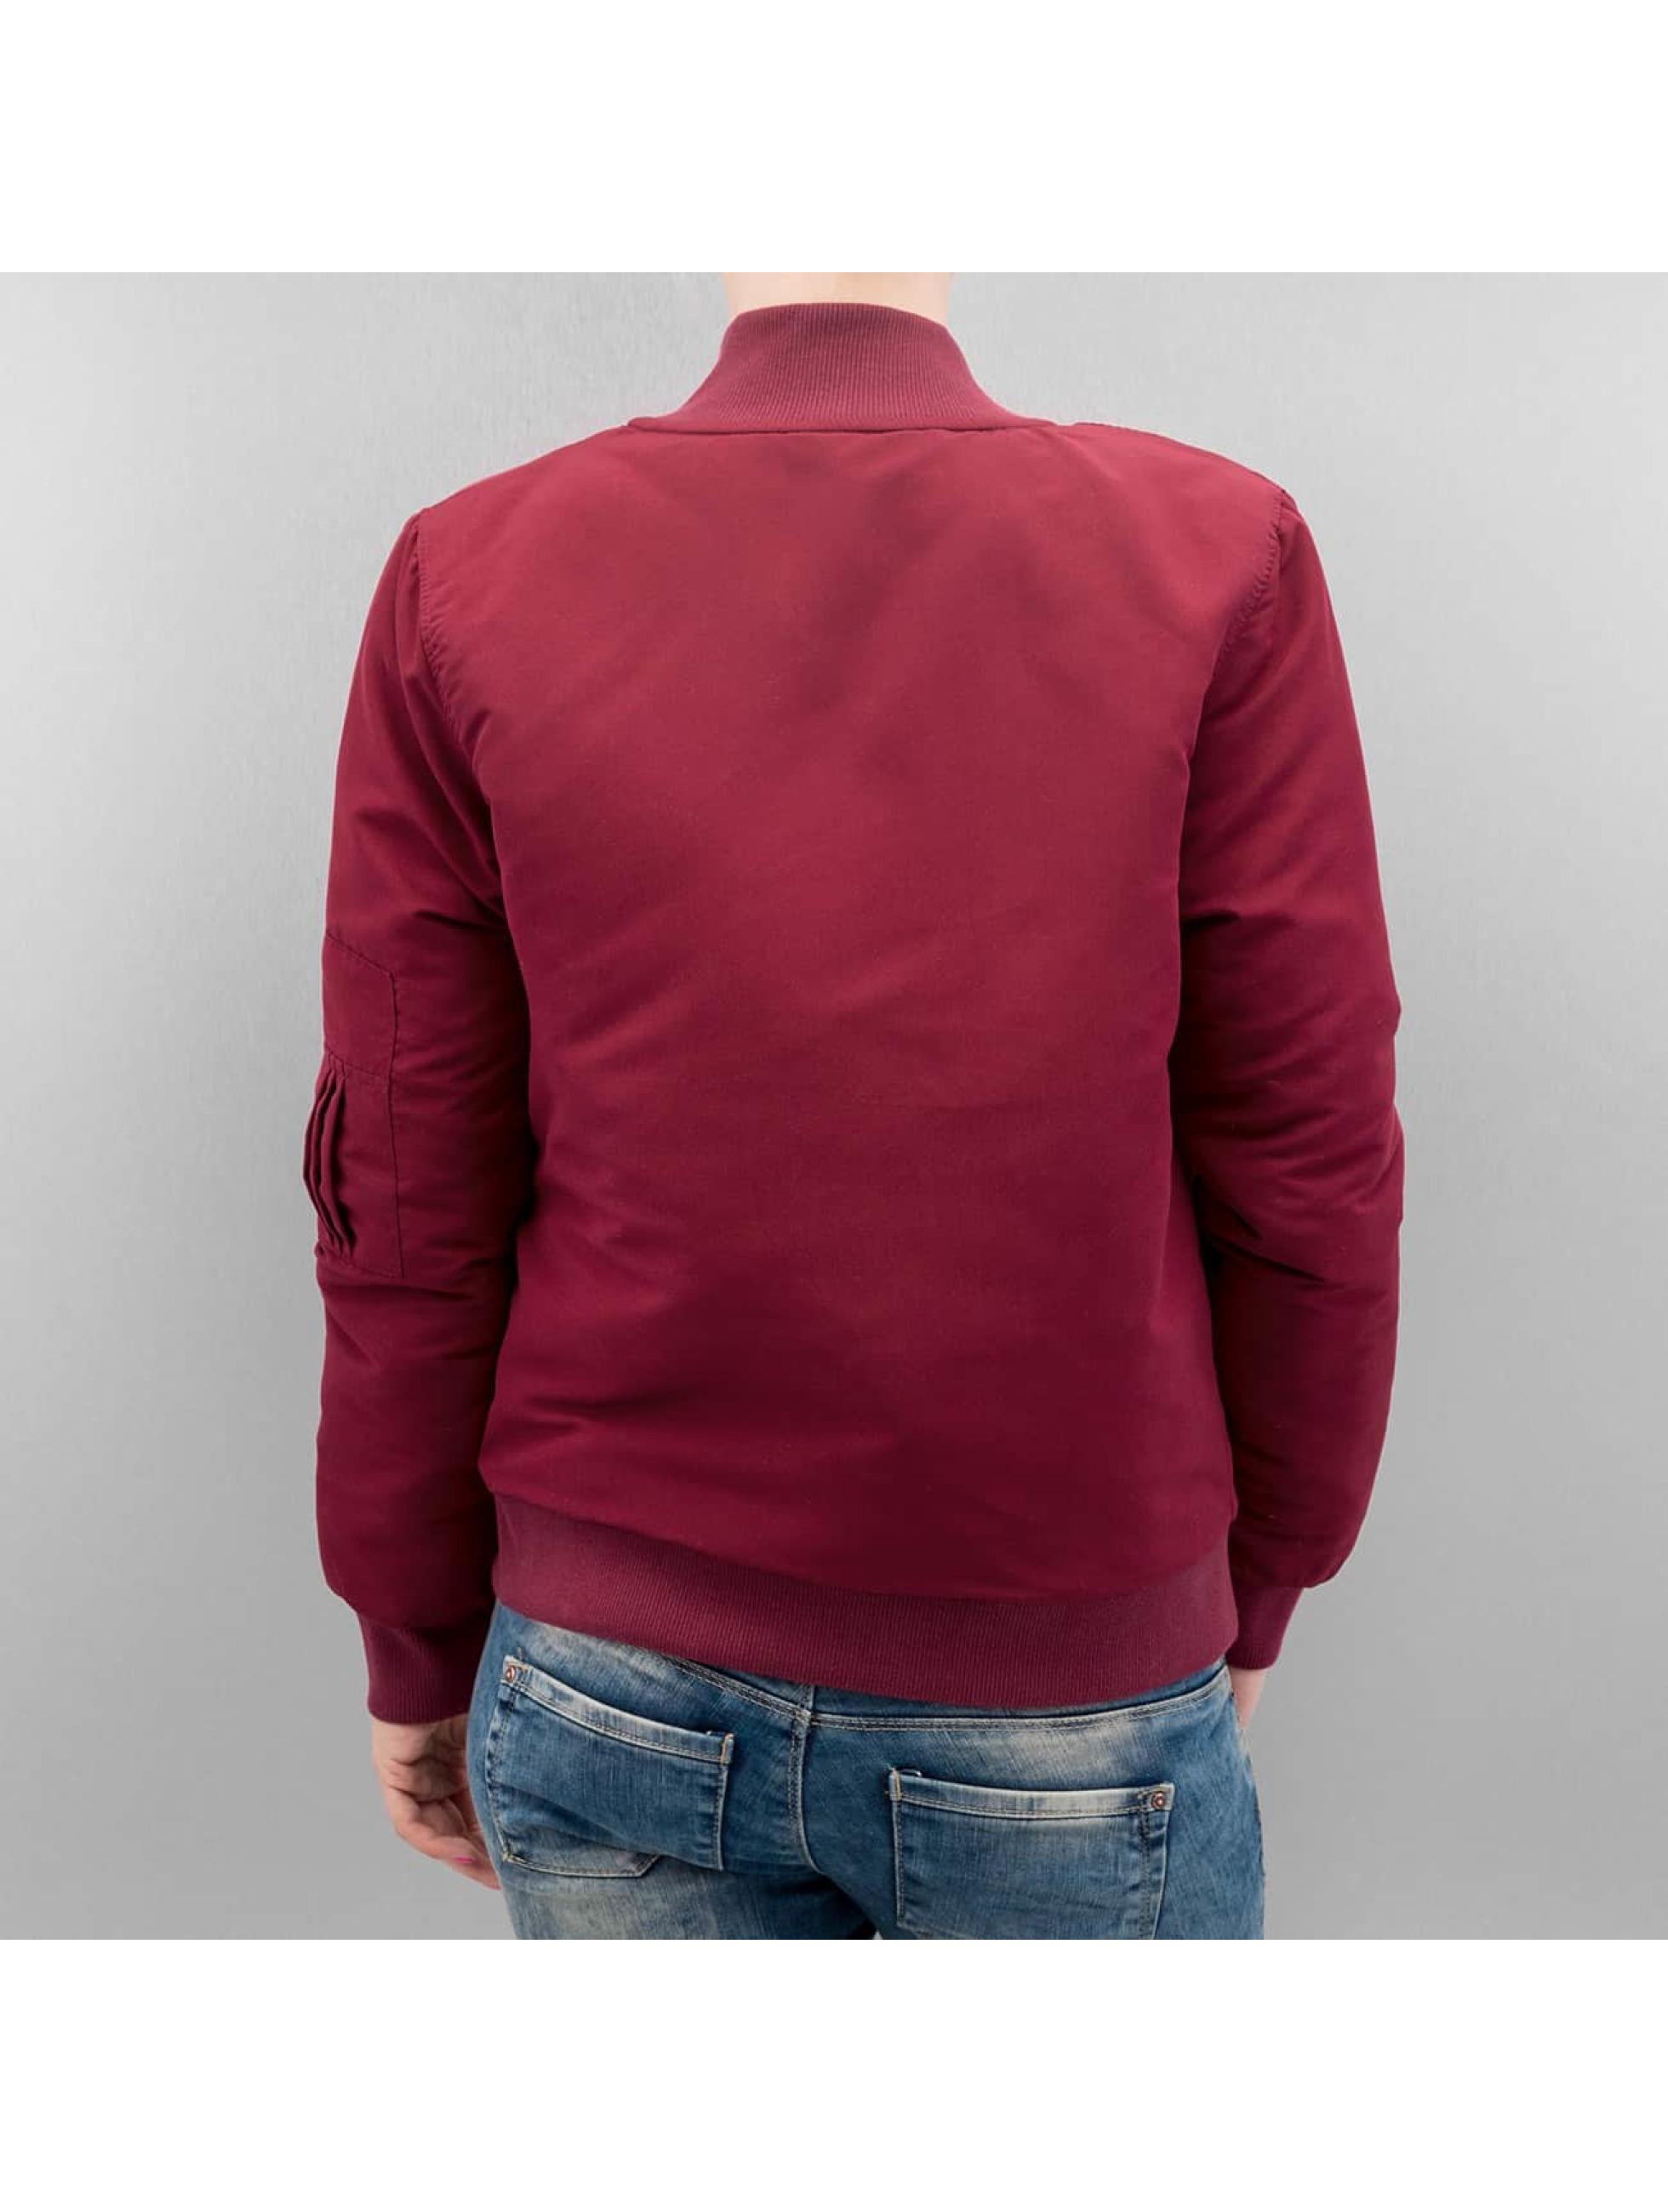 Hailys Bomber jacket Bomberjacke red